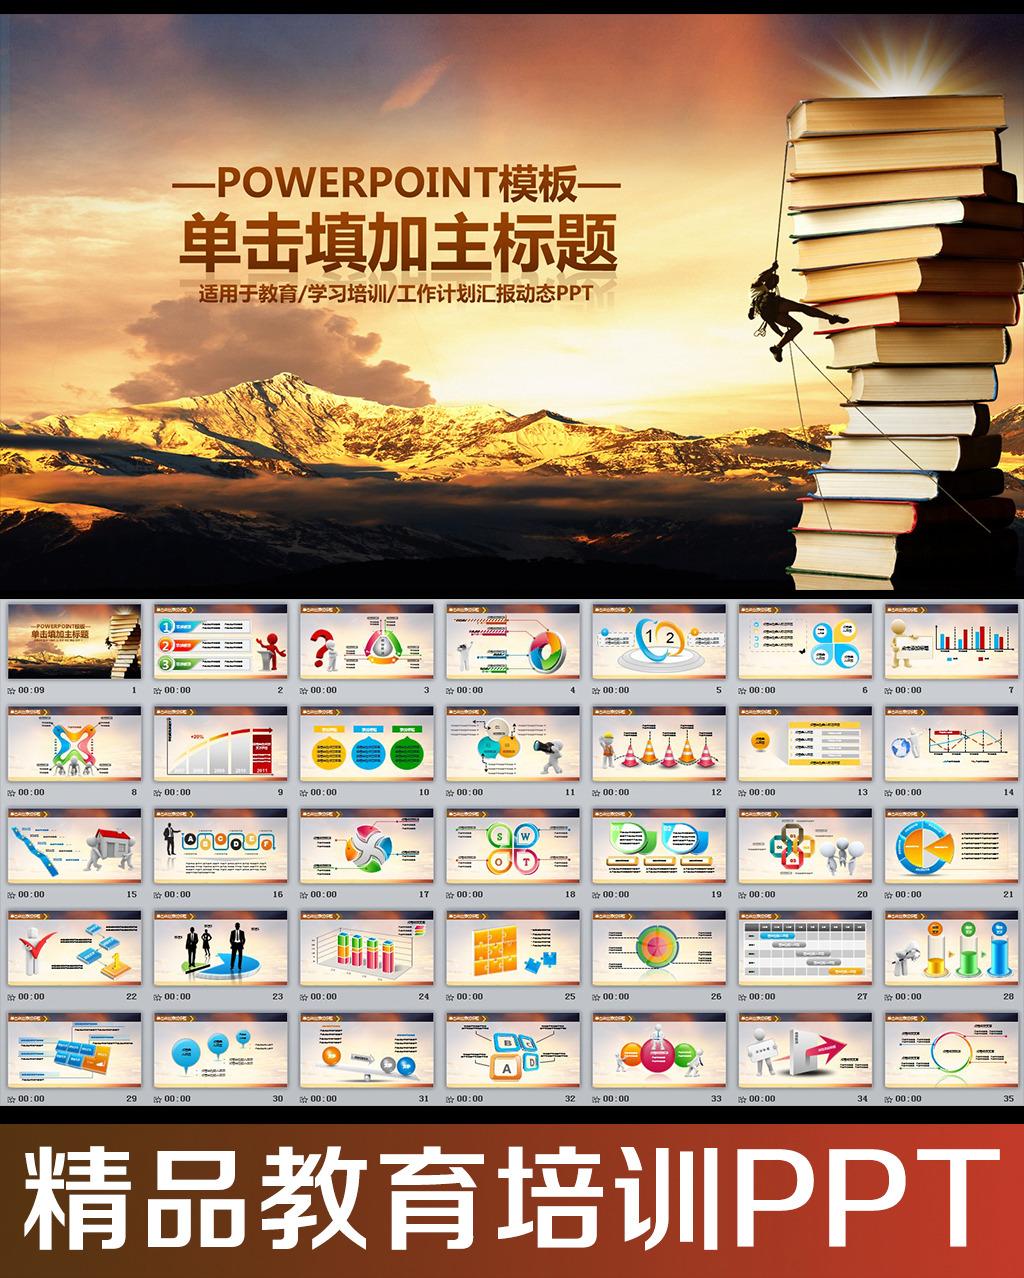 教育教学课件读书学习培训讲座动态ppt模板下载